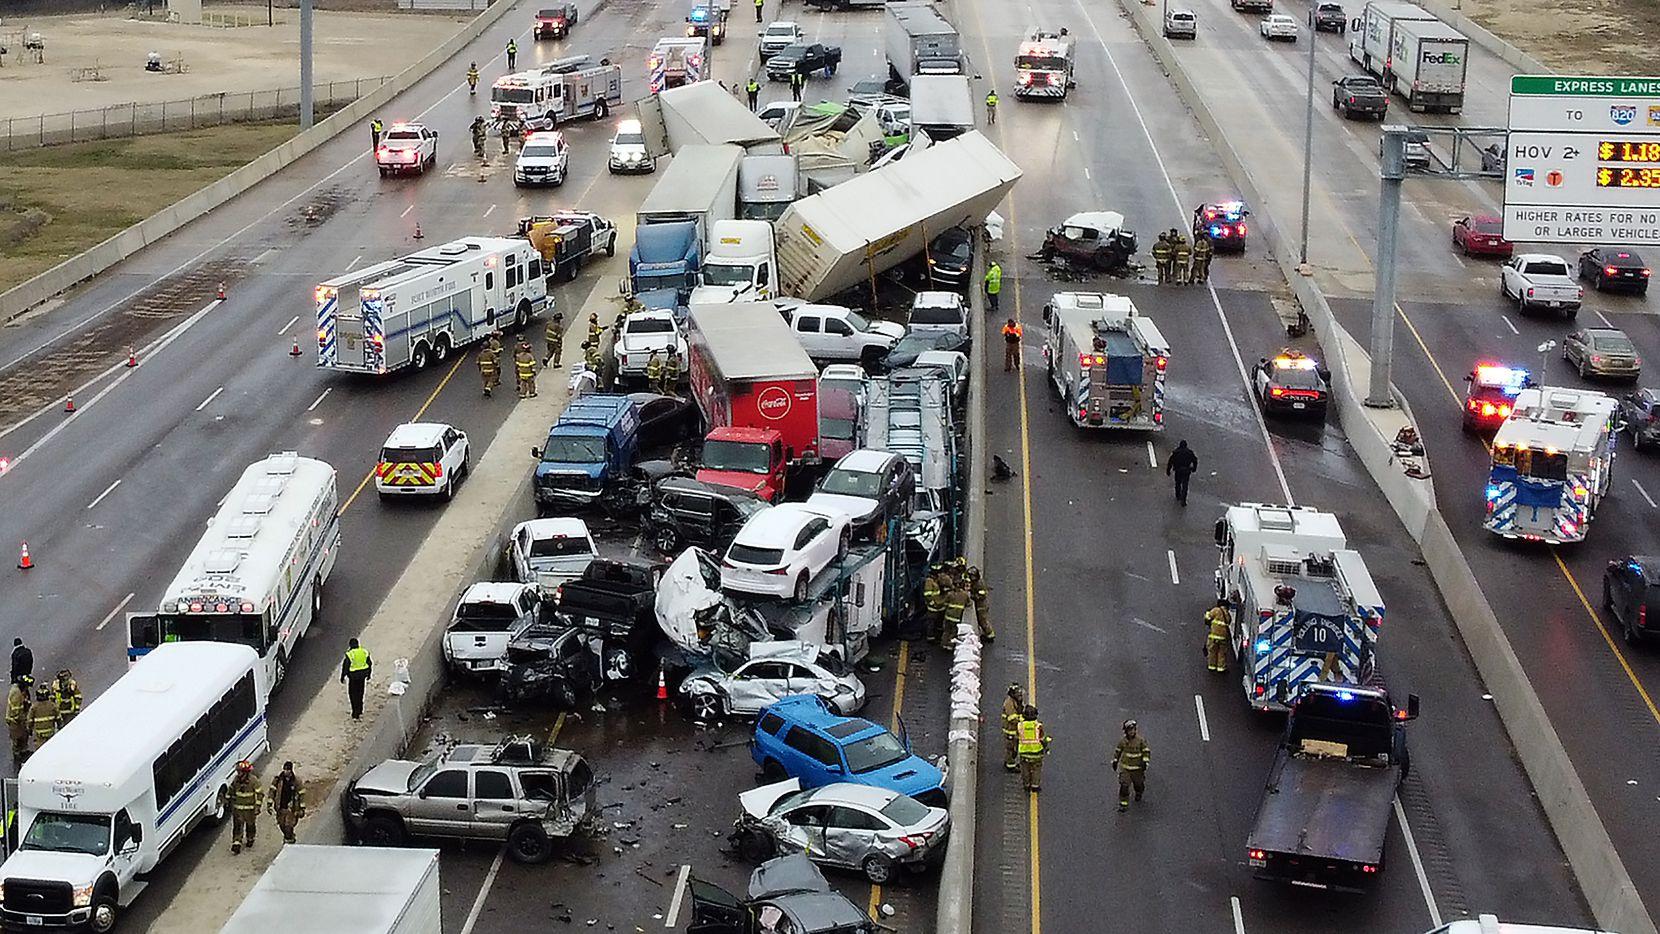 Este accidente múltiple ocurrió en la I-35W en Fort Worth. Al parecer, más de 100 vehículos estuvieron invoucrados.